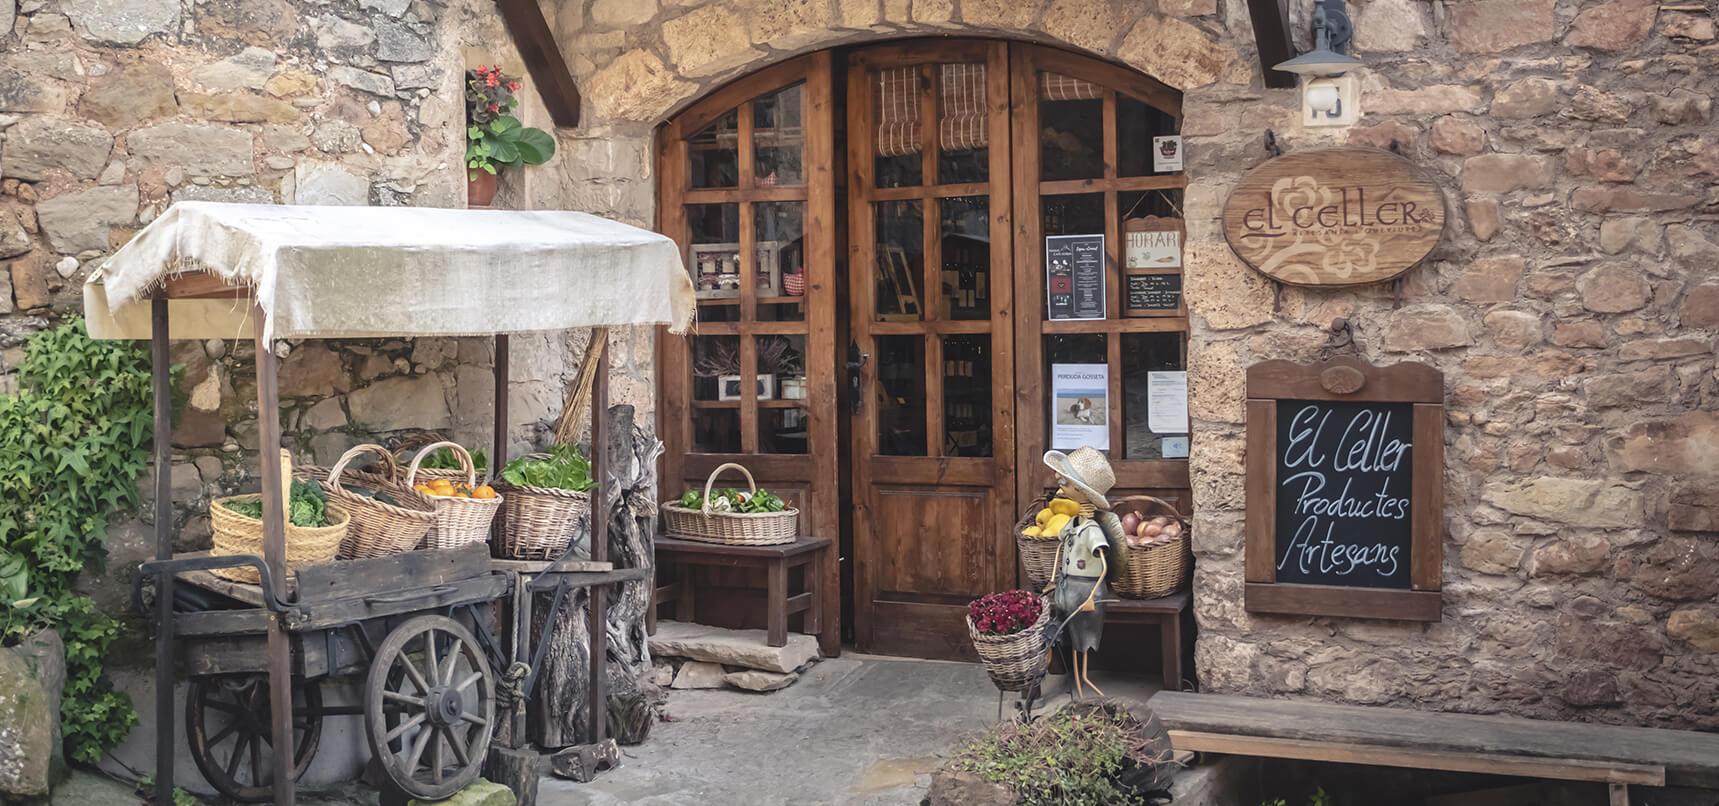 La nostre botiga: artesania i agricultura, el Celler de Mura